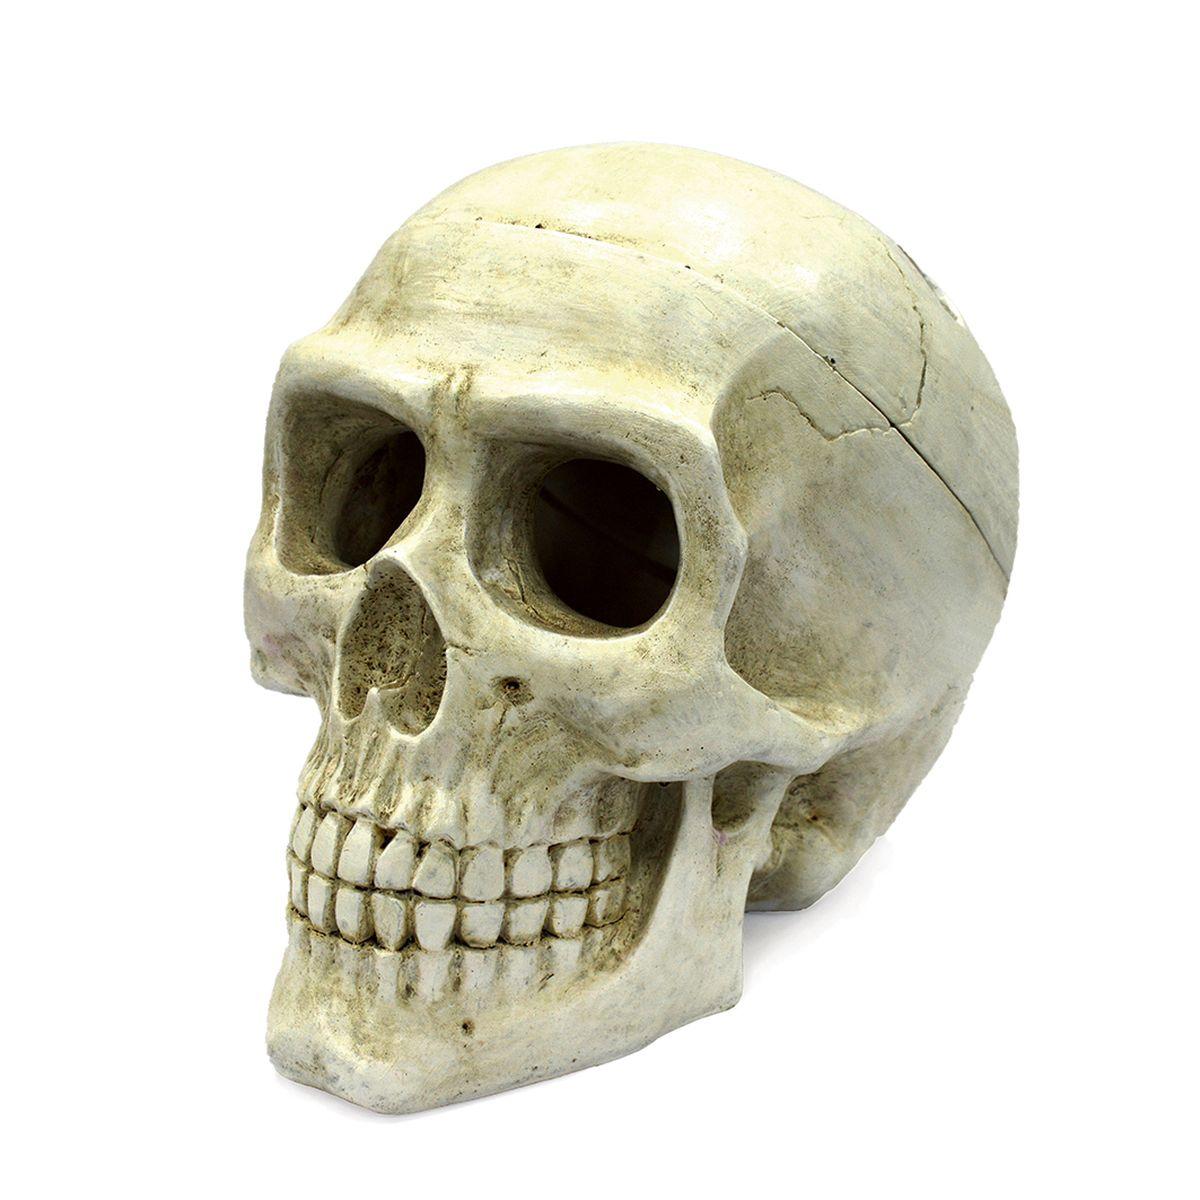 Декорация для аквариума ArtUniq Большой череп, 20 x 12,7 x 15,8 смART-2212120Декорация для аквариума ArtUniq Большой череп, 20 x 12,7 x 15,8 см